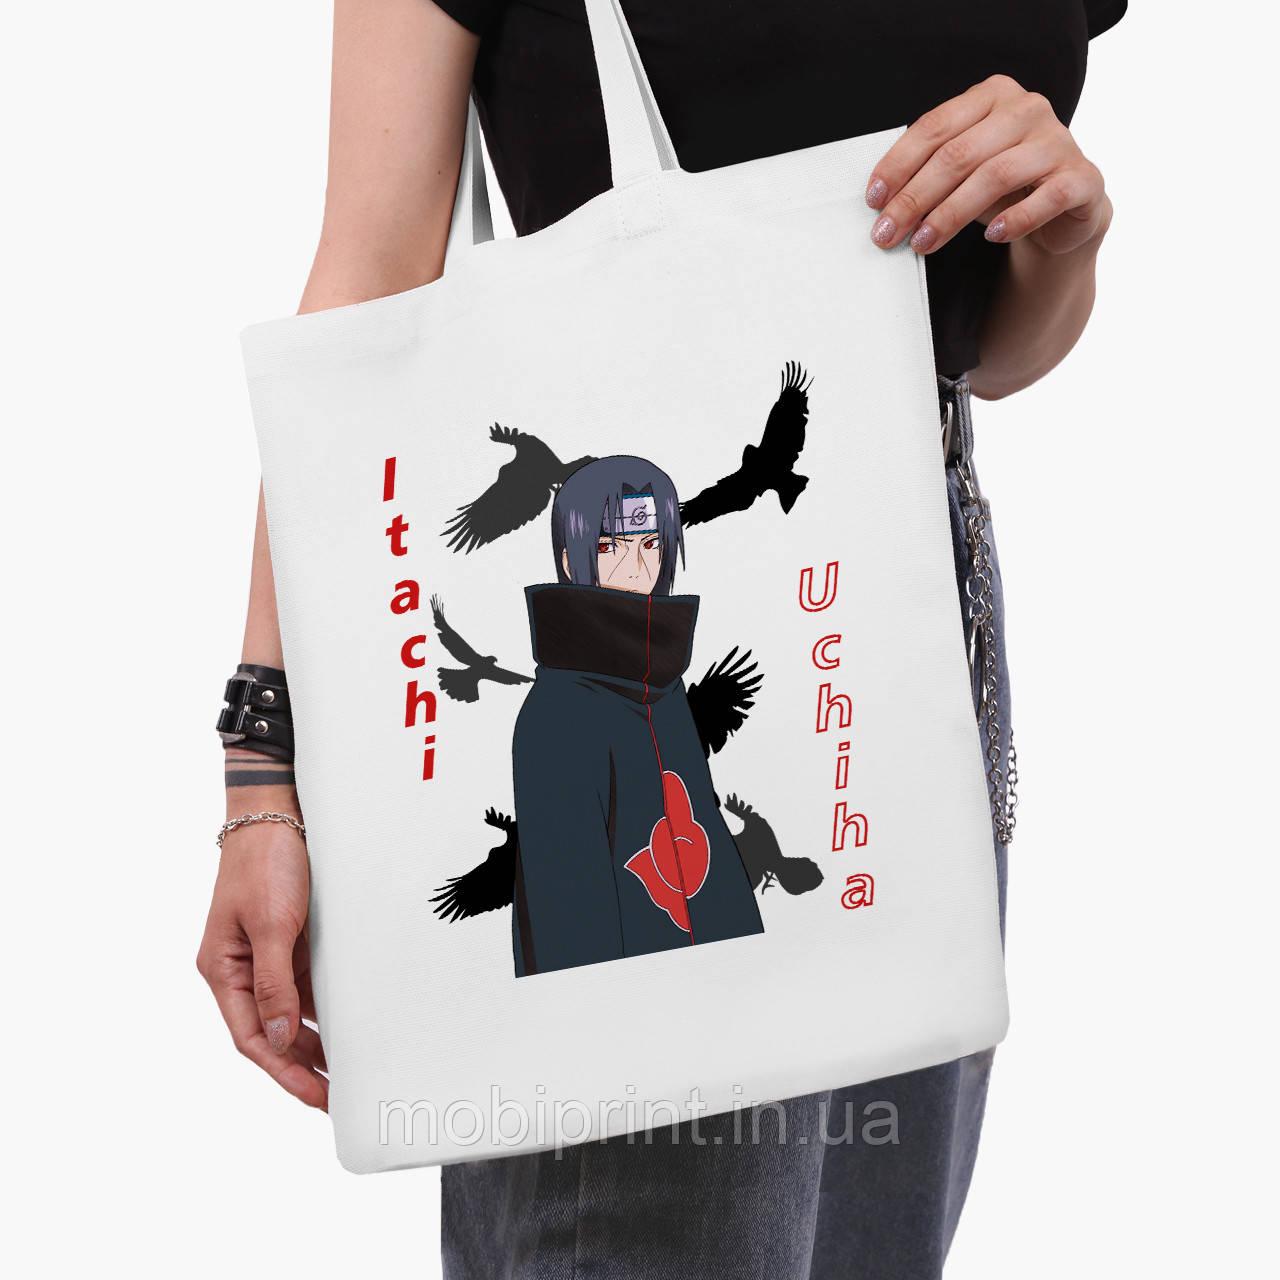 Еко сумка шоппер біла Ітачі Учіха (Itachi Uchiha) (9227-2821-3) 41*35 см